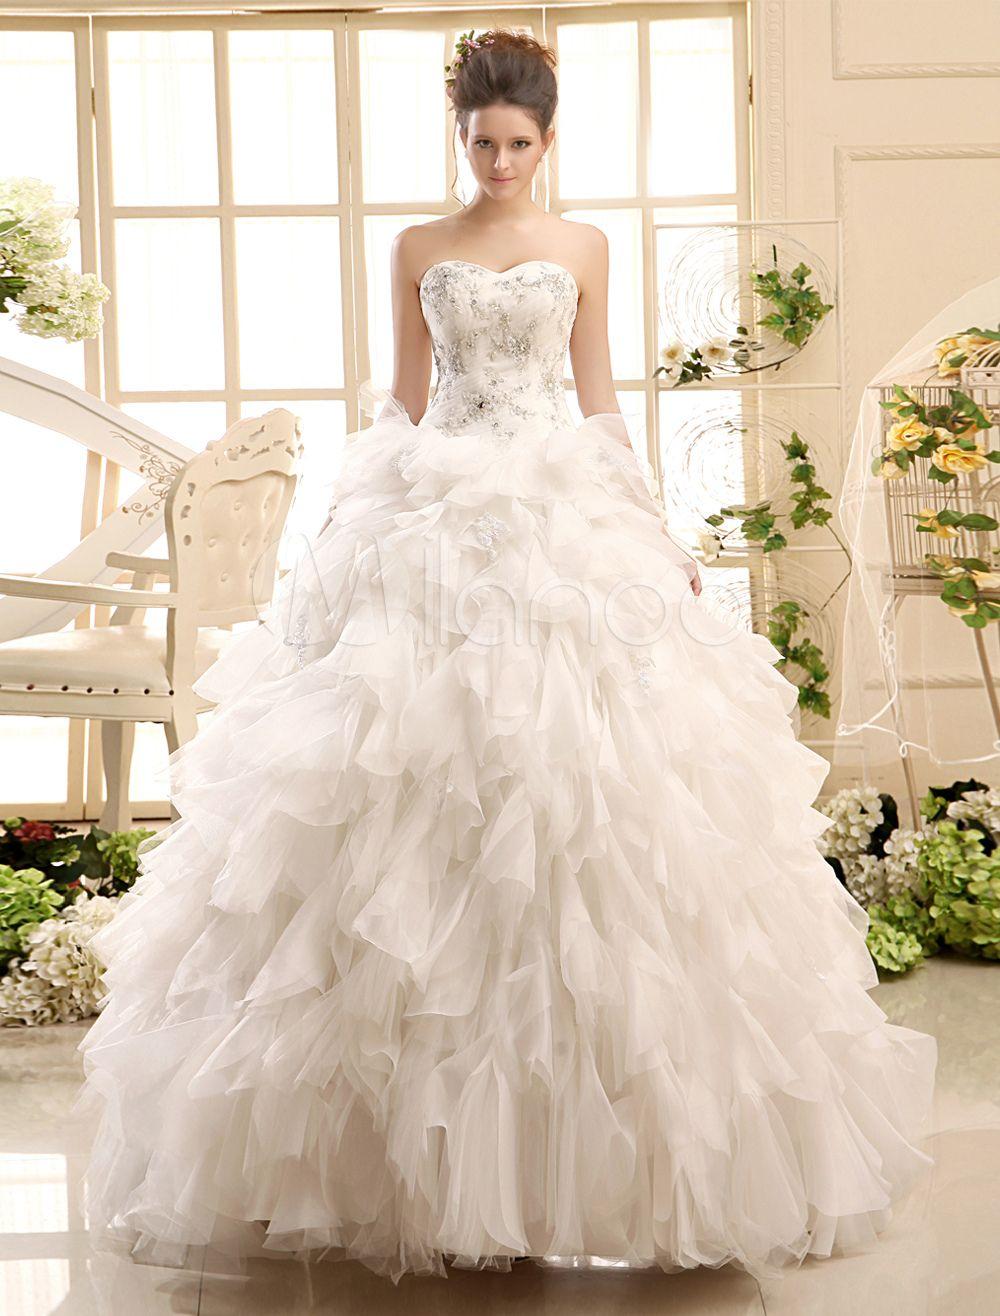 Brautkleid aus Tüll in Elfenbeinfarbe   Tüll und Brautkleid